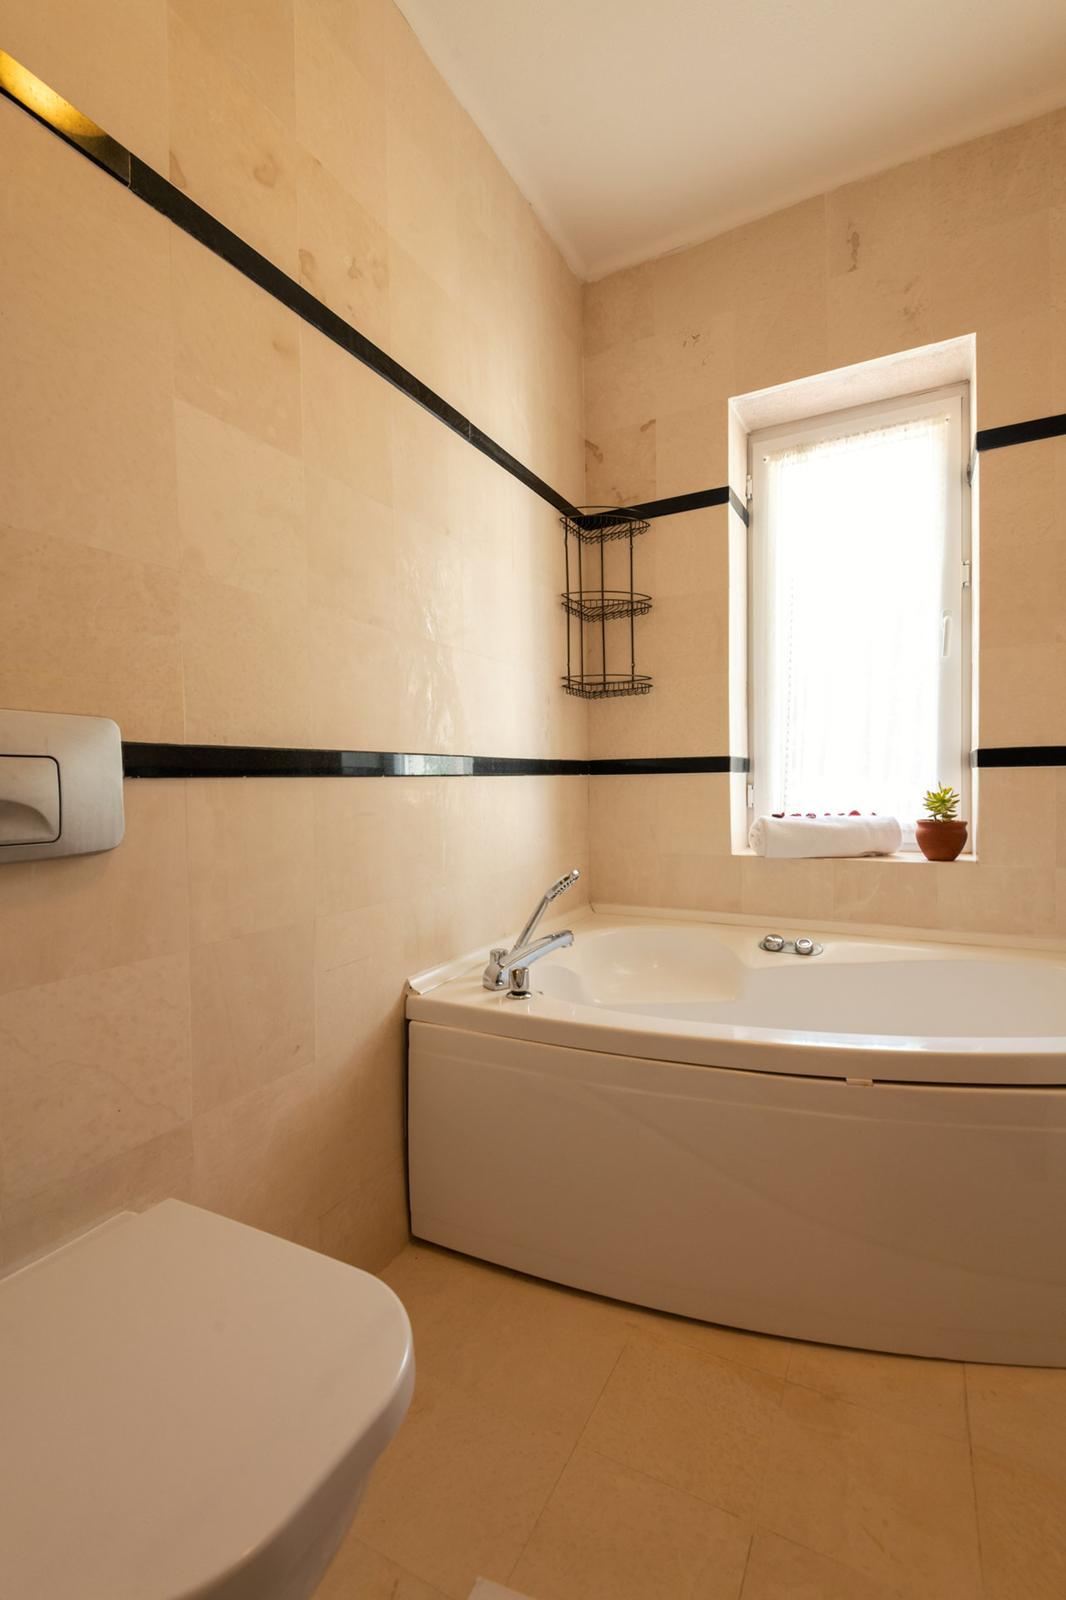 V838 bathroom